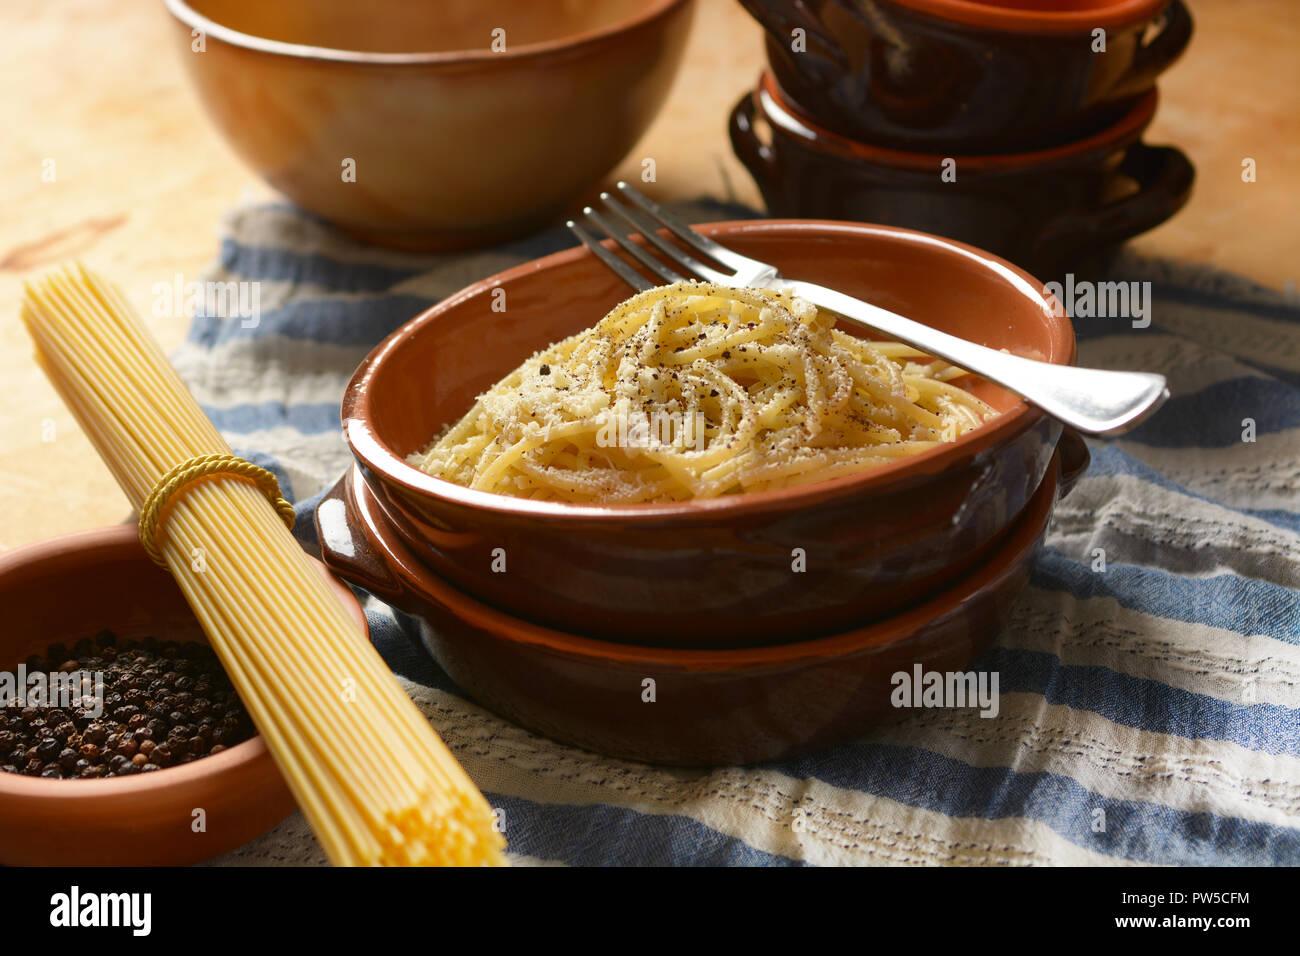 Römische Küche Rezepte | Spaghetti Mit Pecorino Kase Und Pfeffer Traditionelles Rezept Der